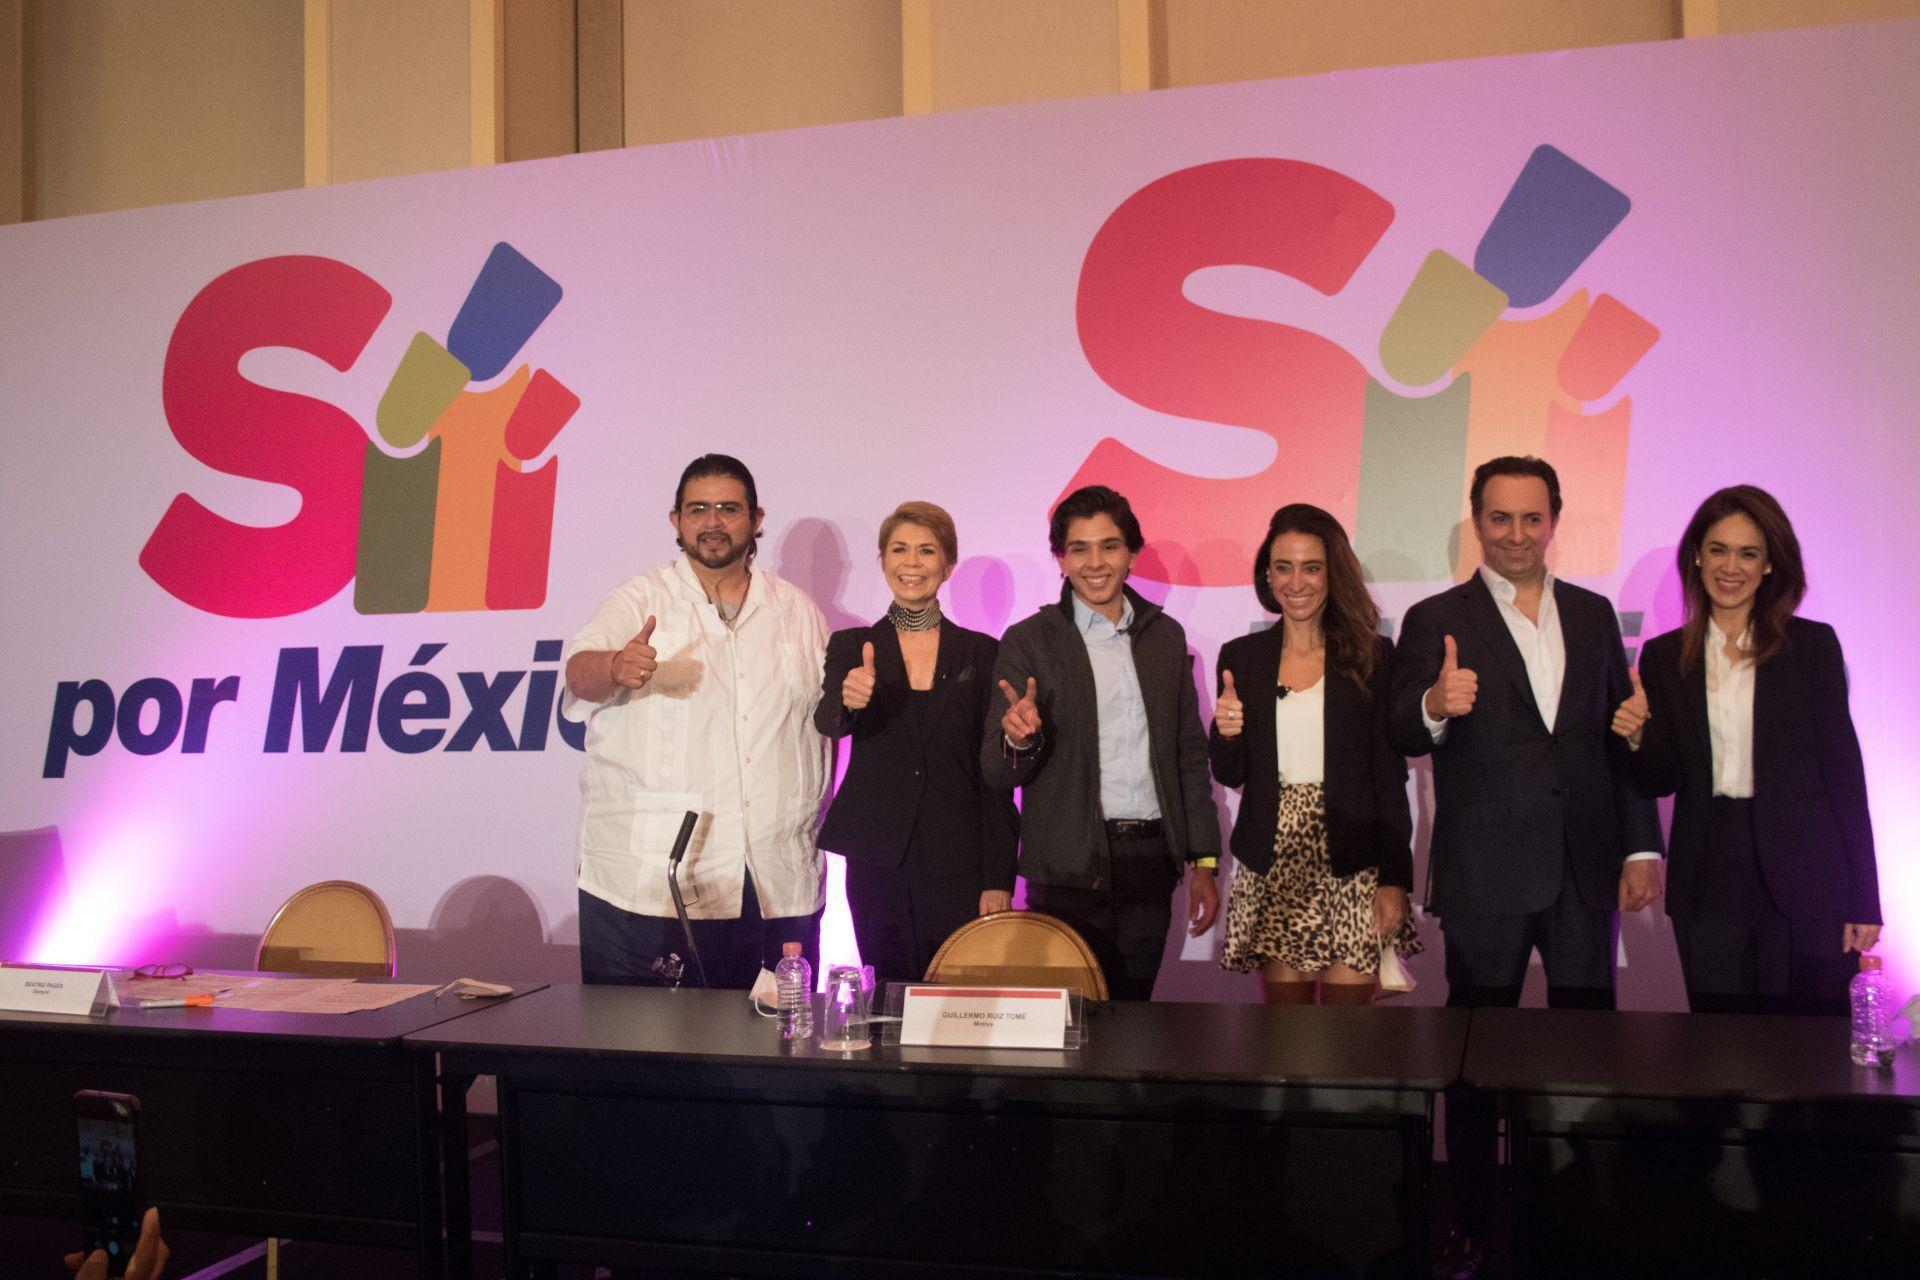 Presentación Sí por México